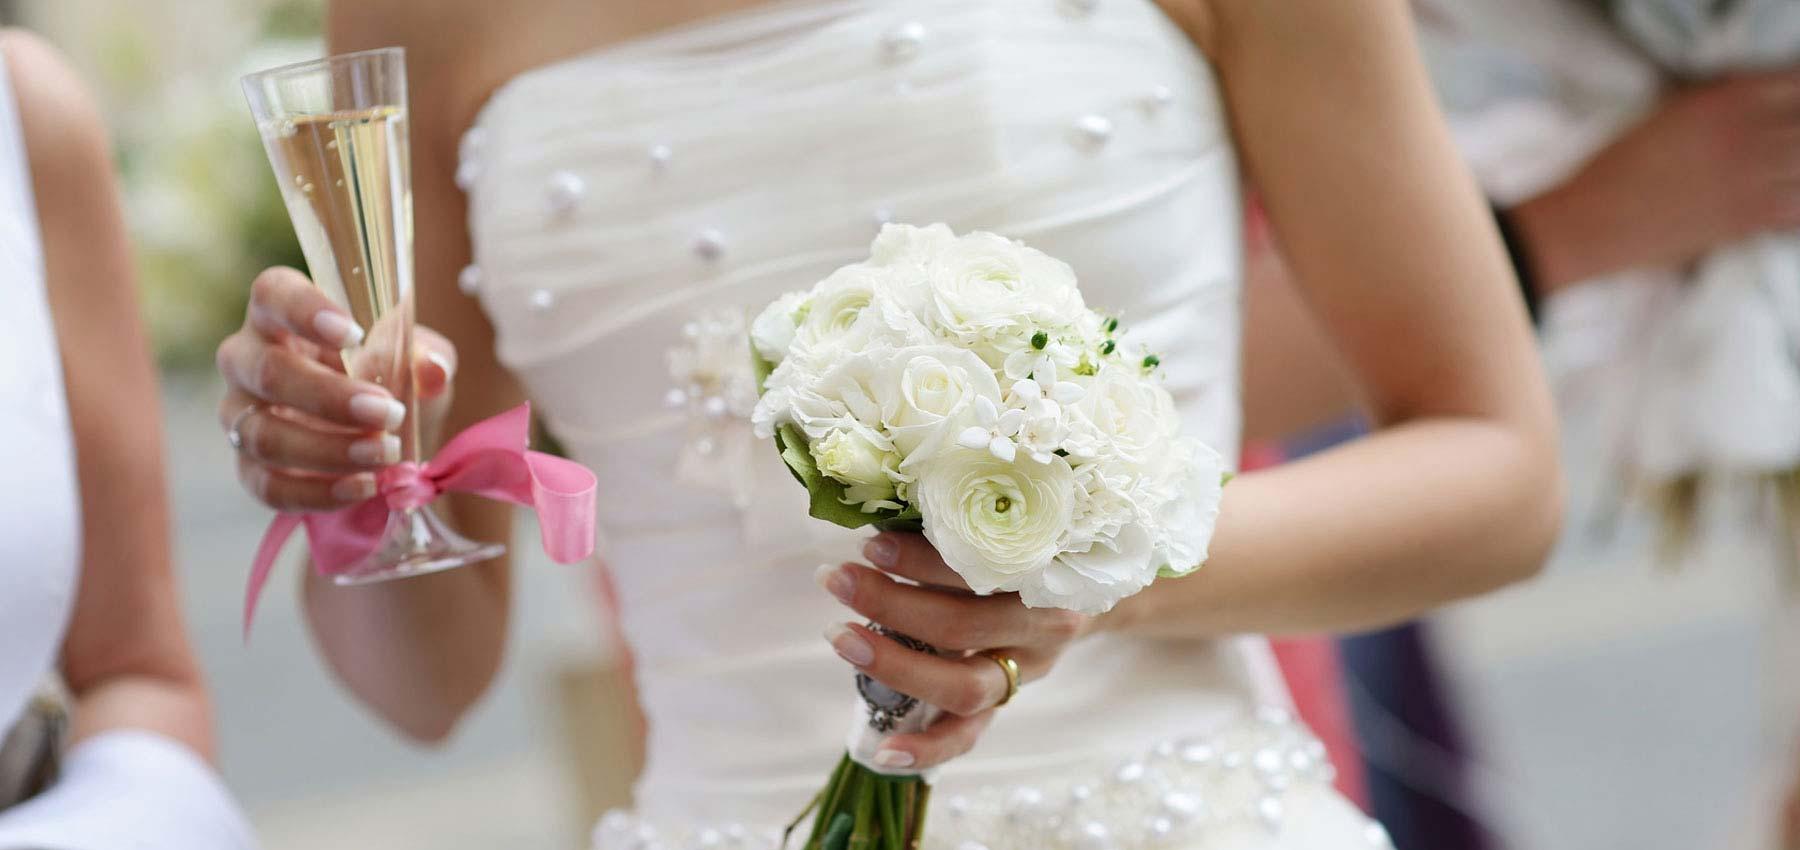 Le bouquet de fleur du mariage